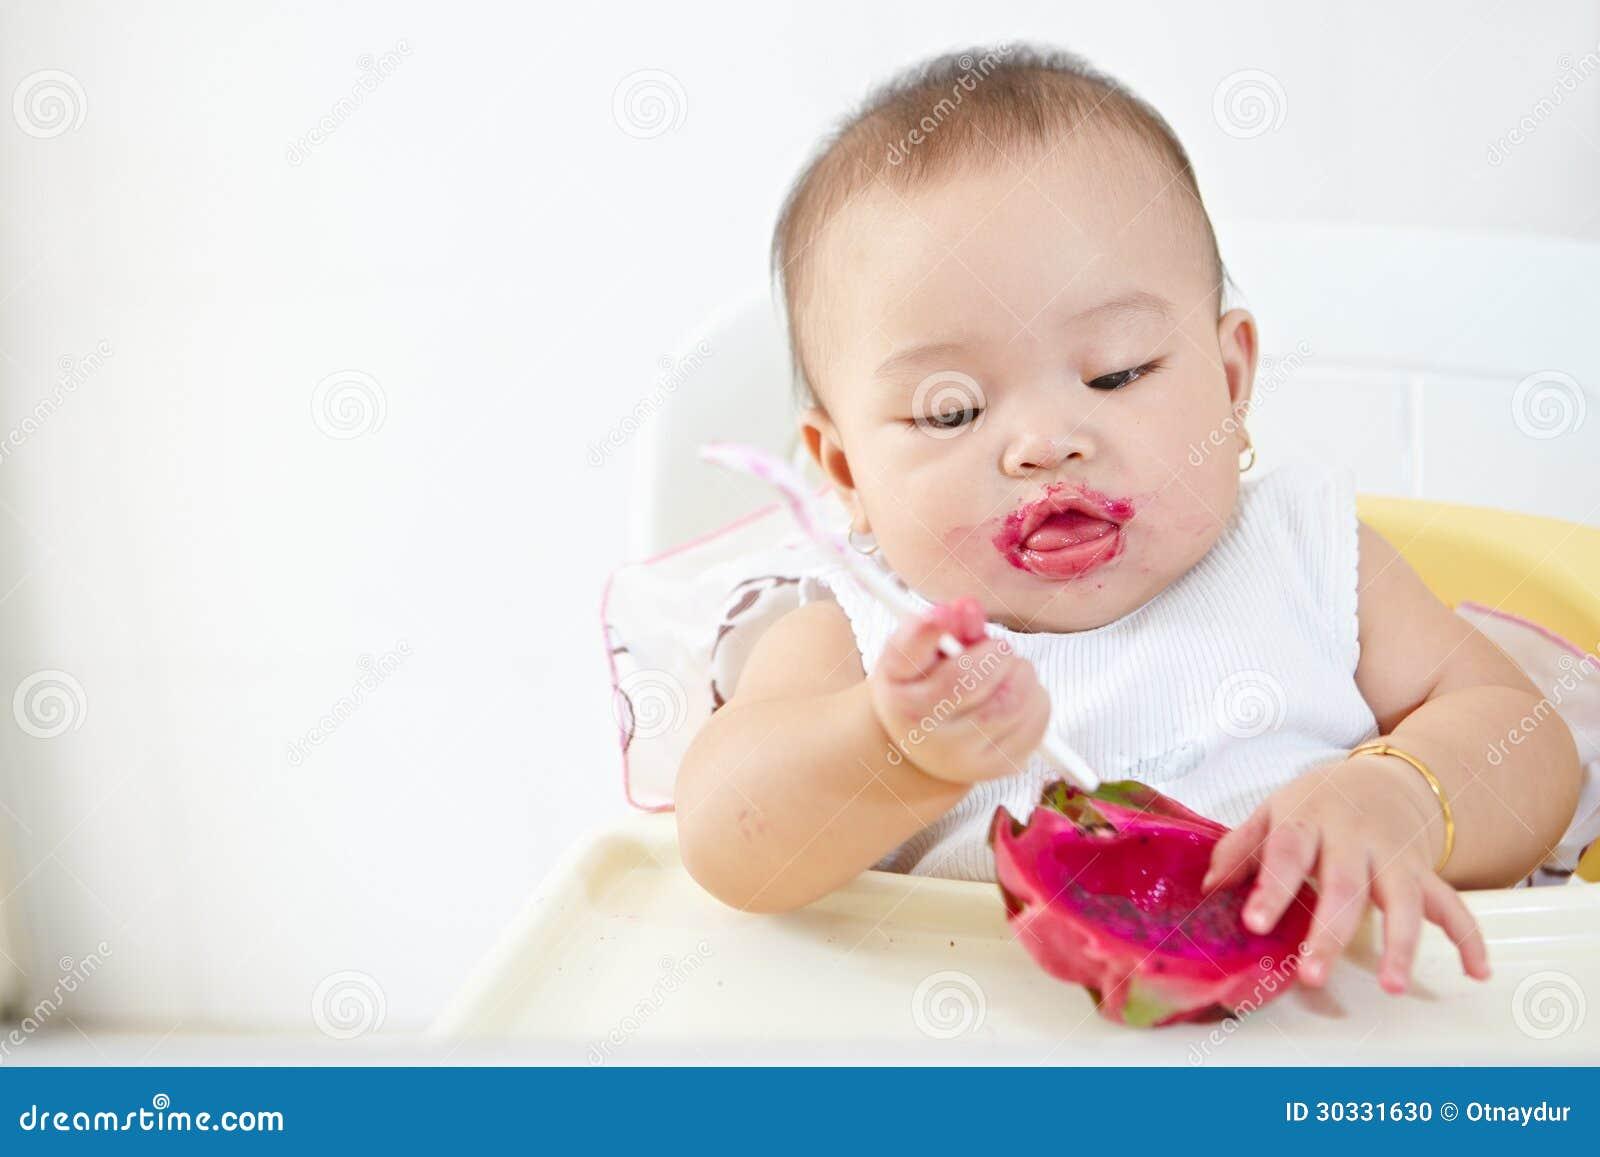 Baby Eating Dragon Fruit